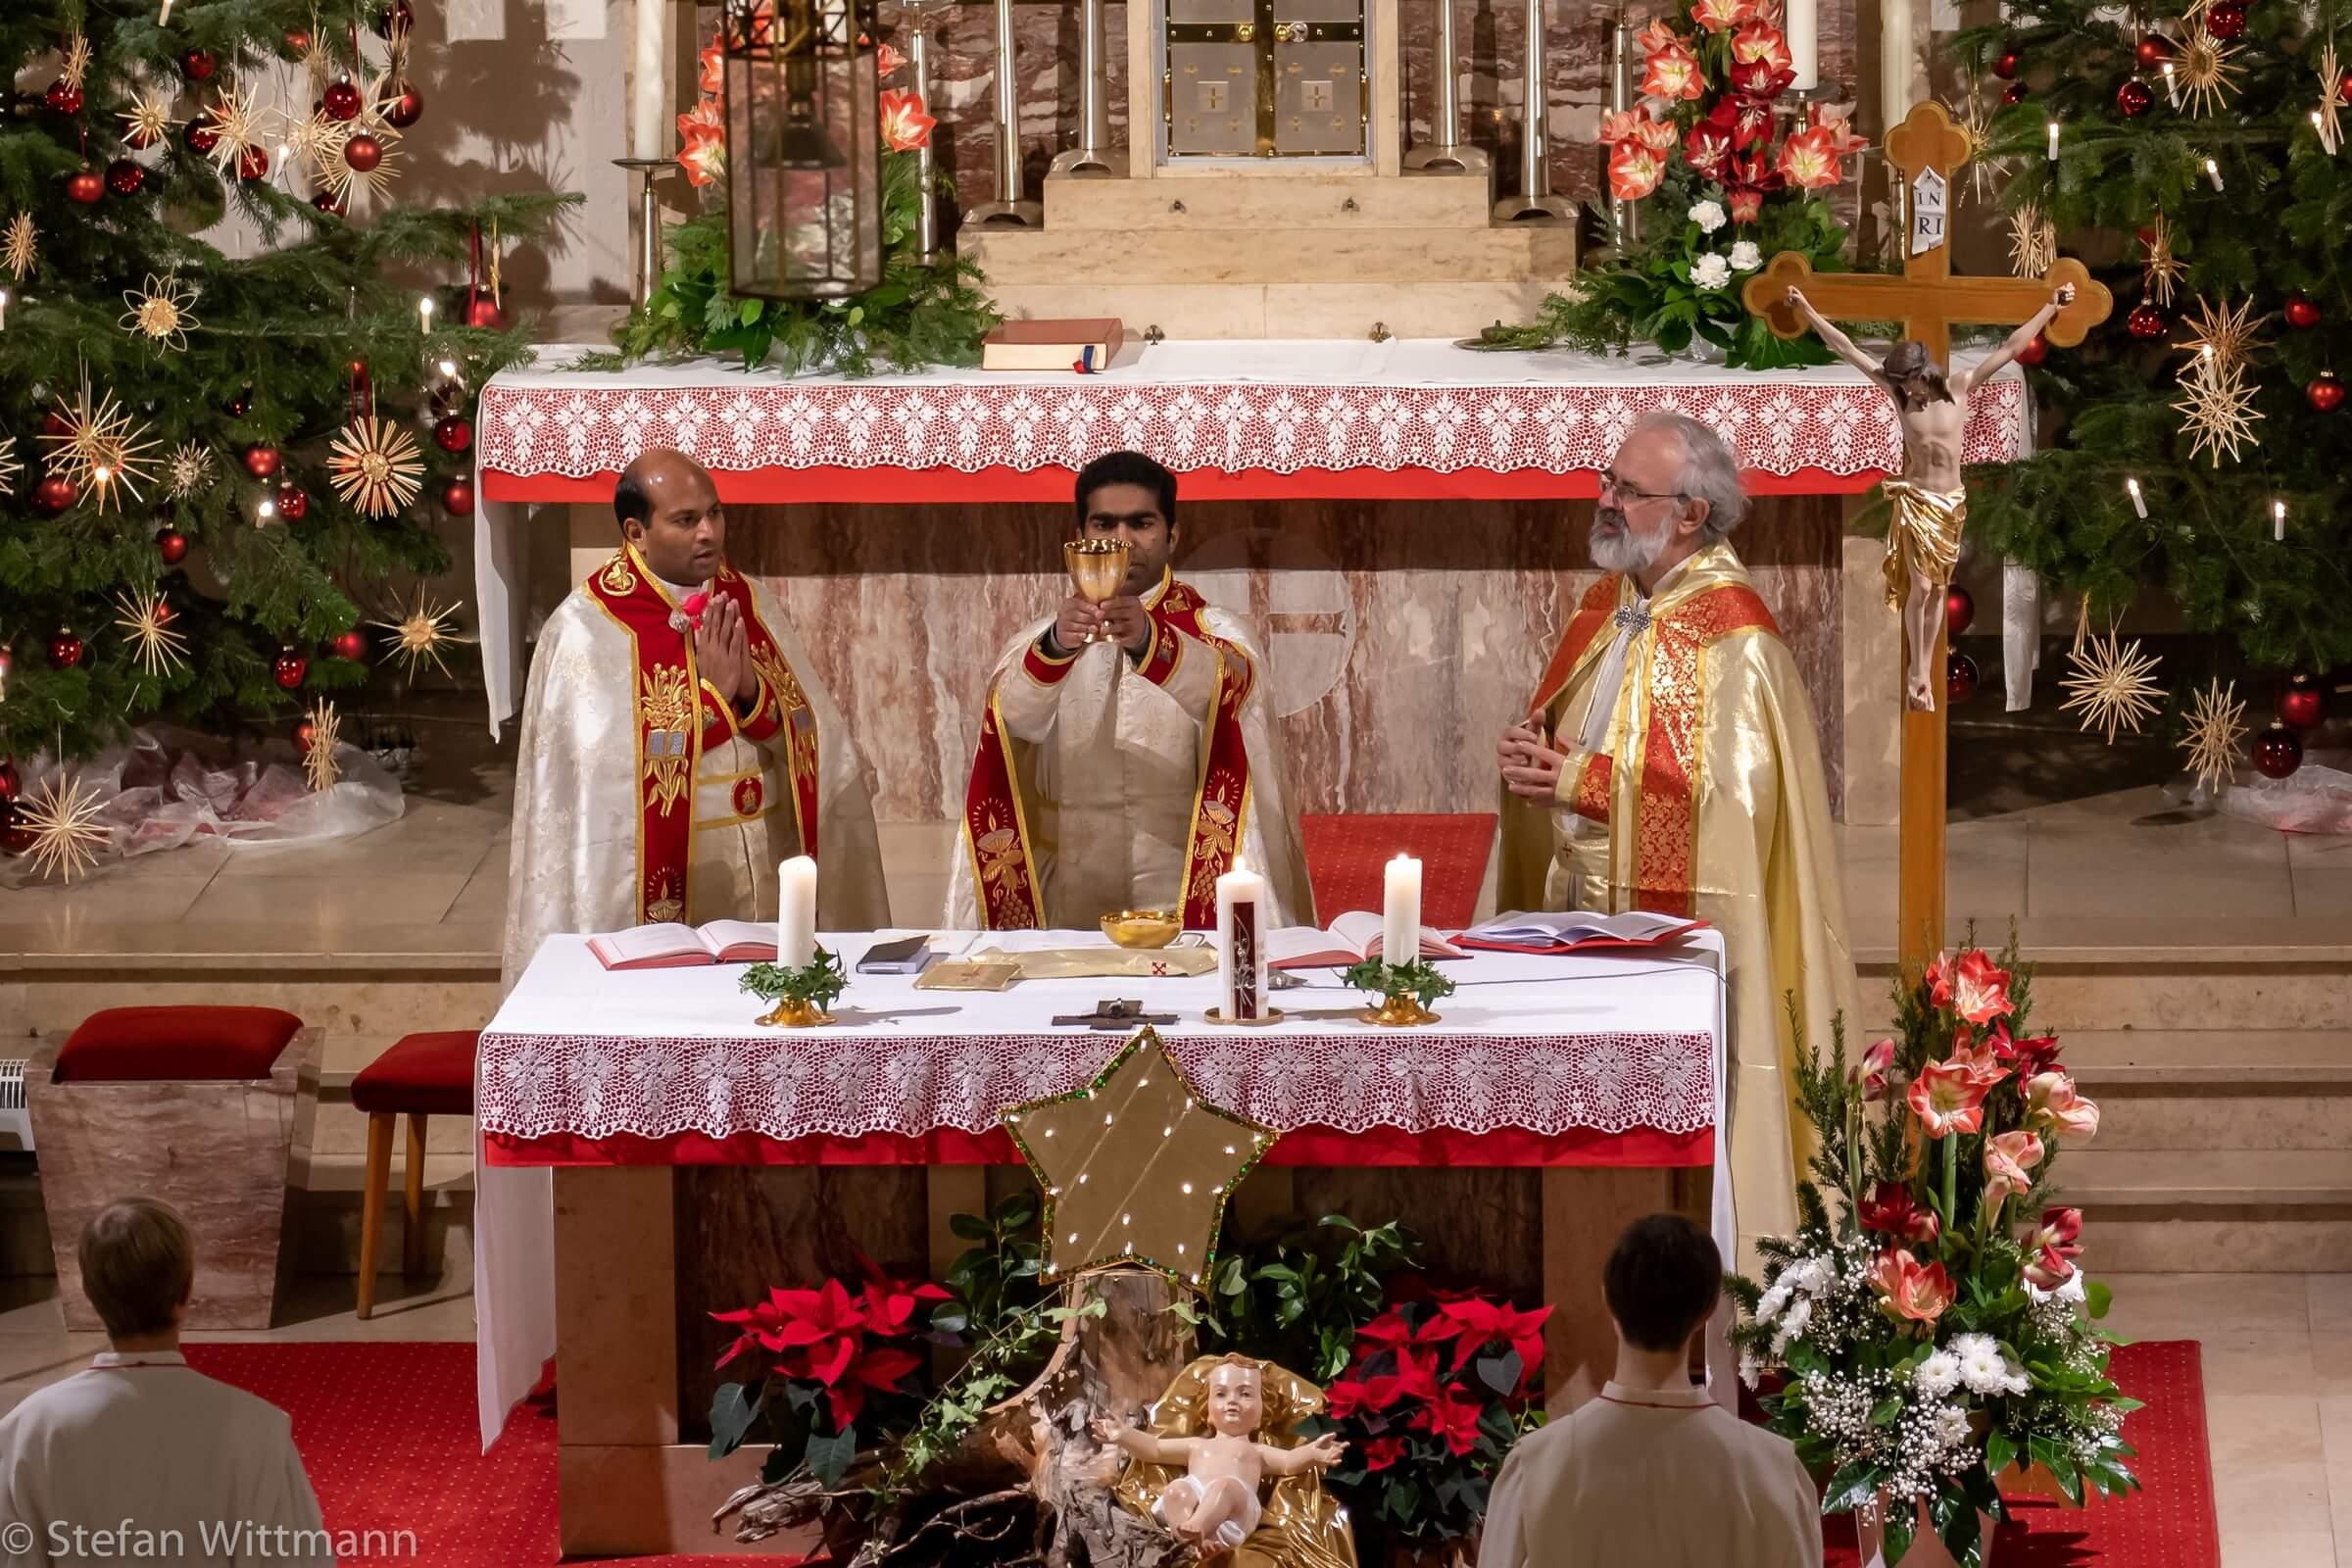 20181230-10 Jahre Priester Joseph - von Wittmann Stefan 20181230174153-DSC01894-2